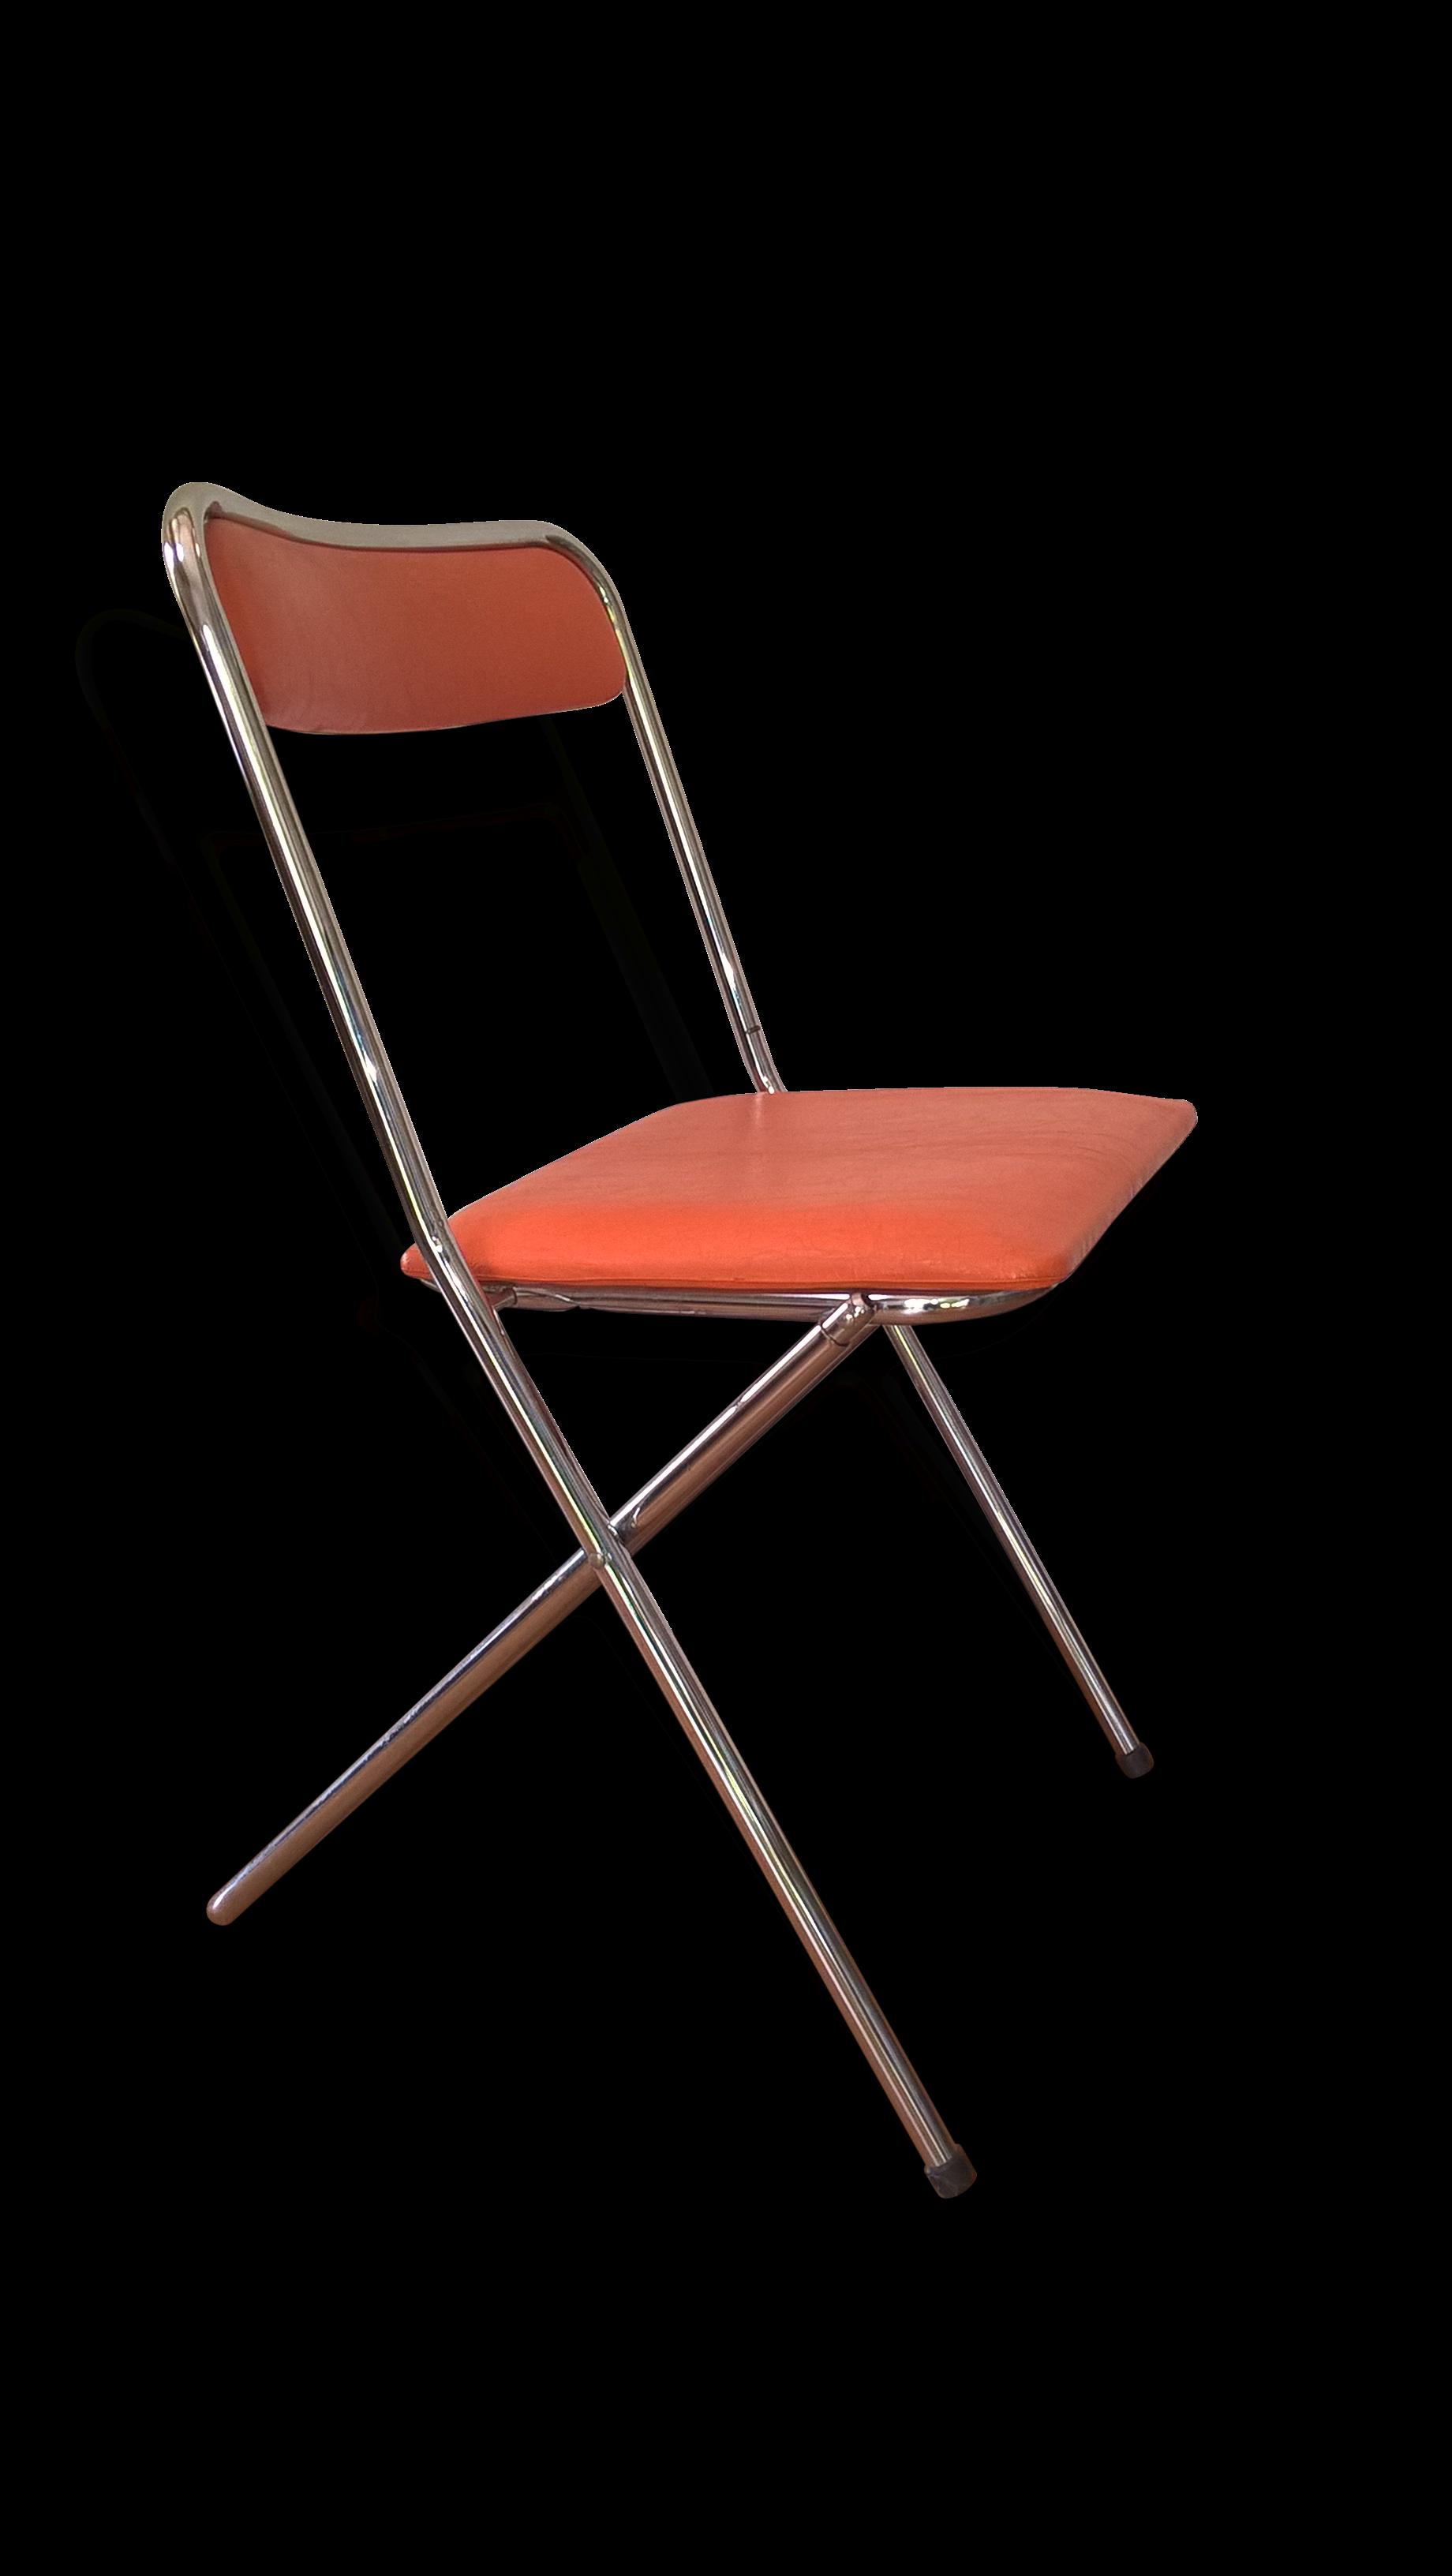 chaise pliante design excellent chaise pliable gris fonc. Black Bedroom Furniture Sets. Home Design Ideas